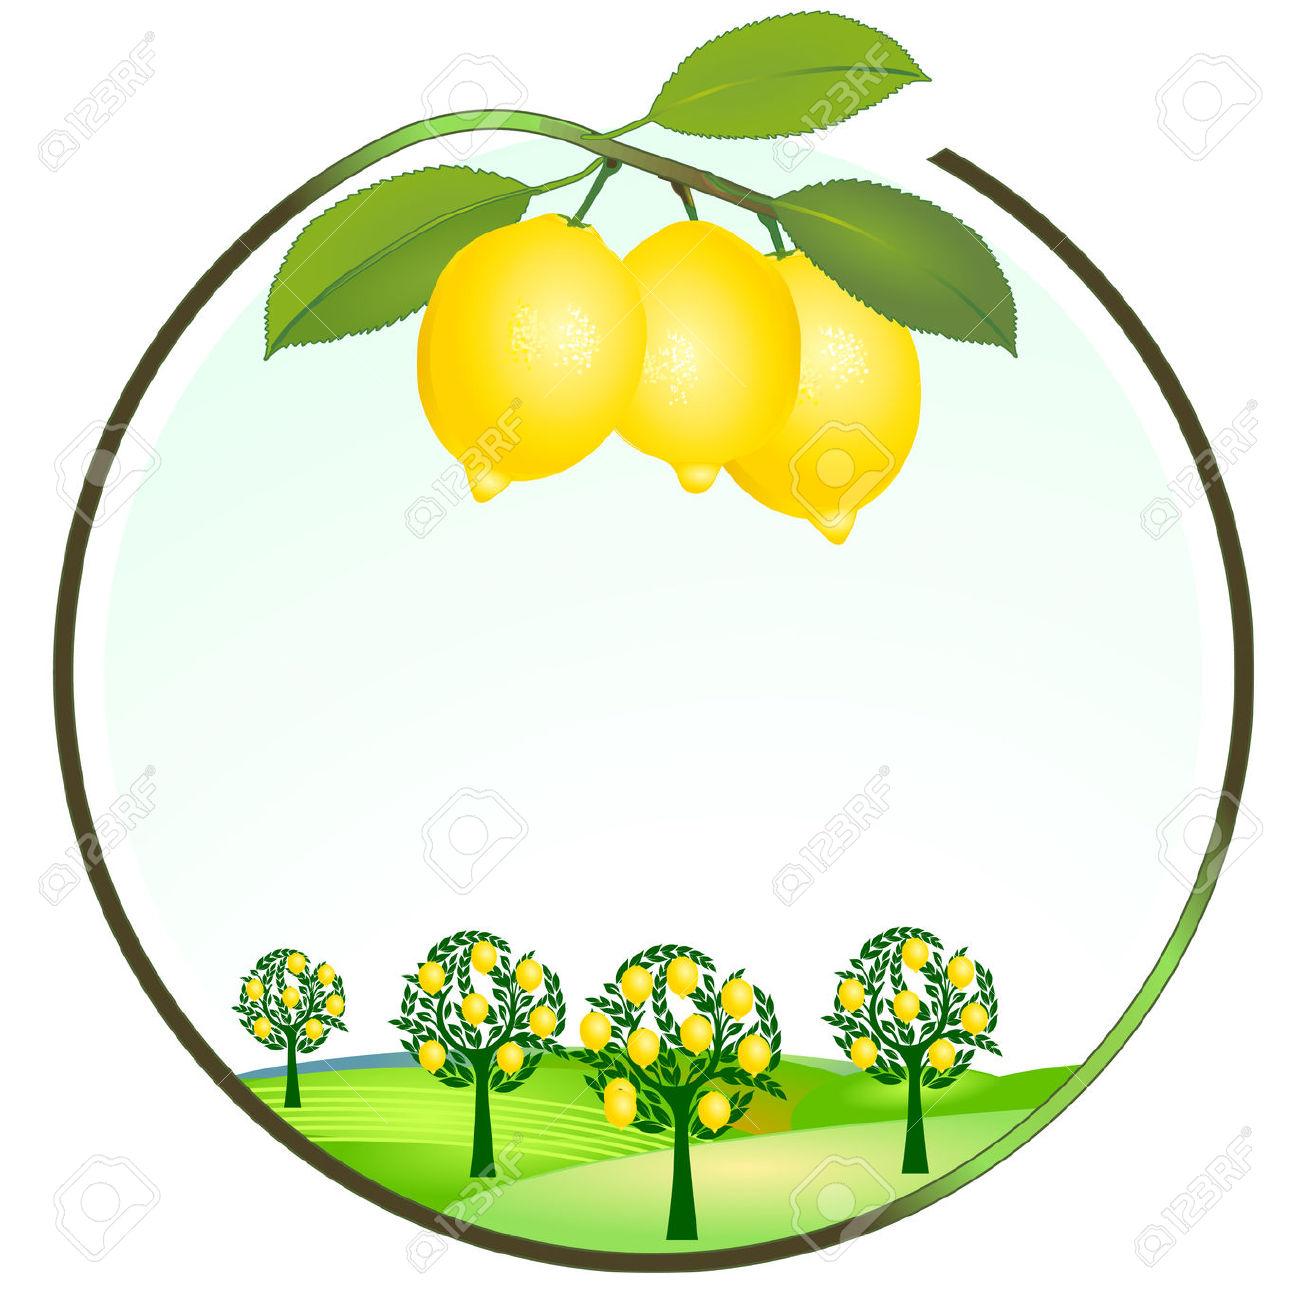 1300x1300 Lemon Clip Art Free Clipart Images 2